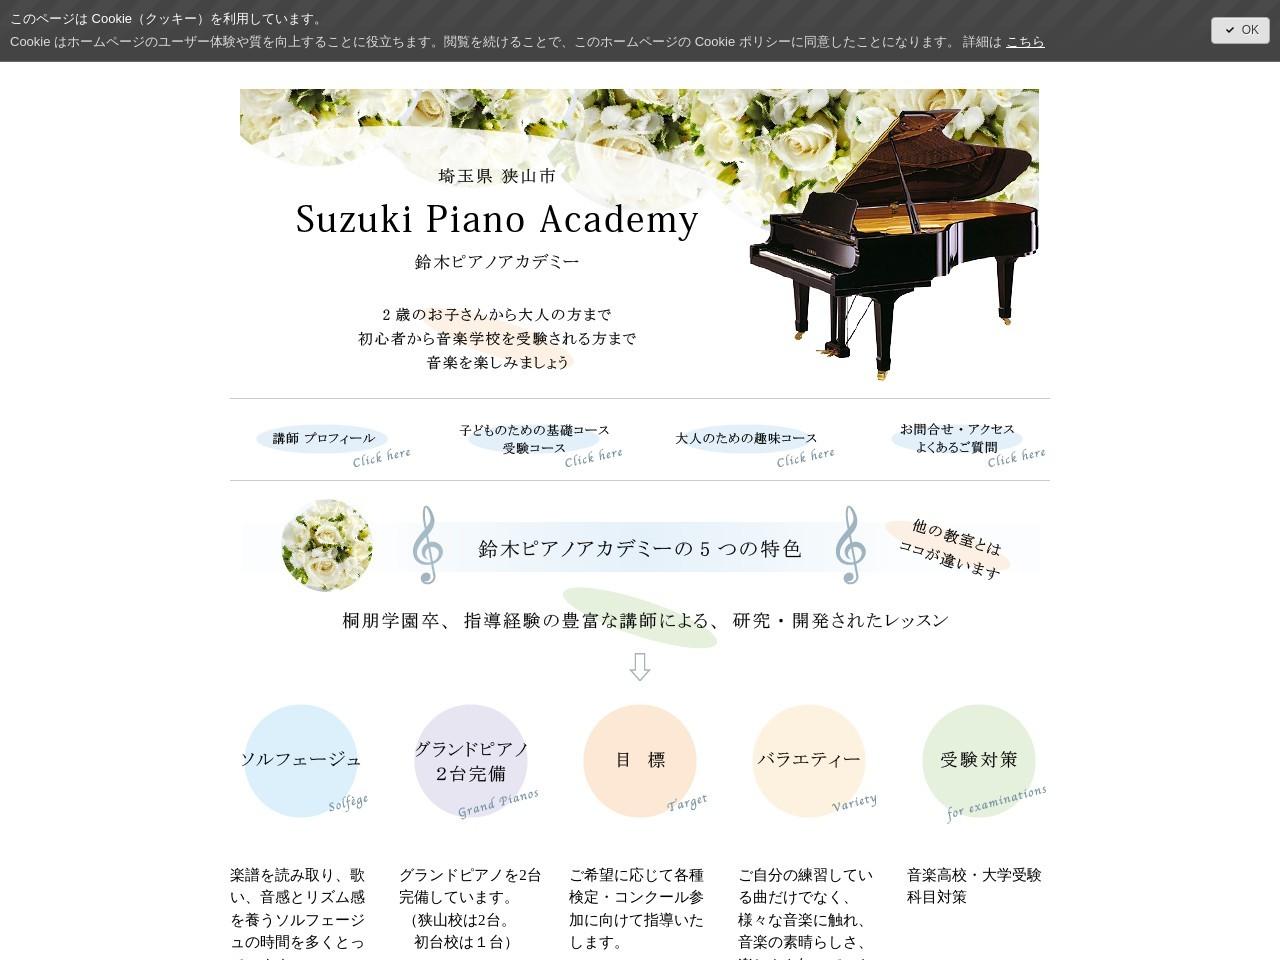 鈴木ピアノアカデミーのサムネイル